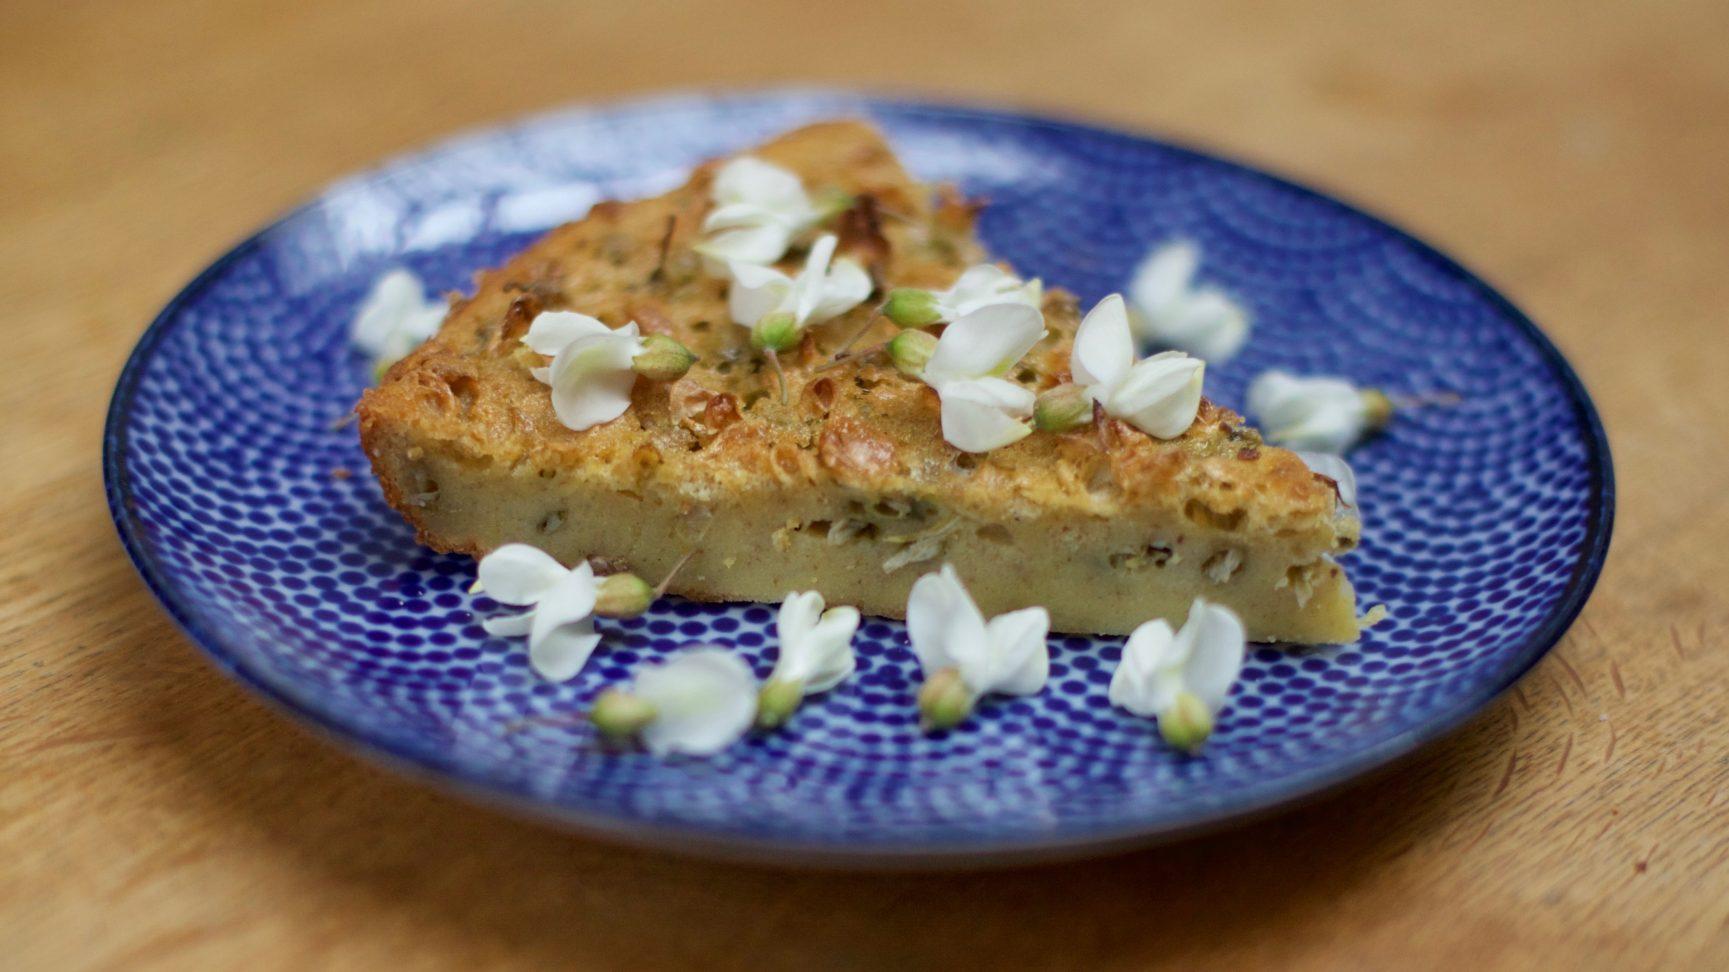 Le clafoutis aux fleurs (d'acacia, de glycine, de sureau noir)